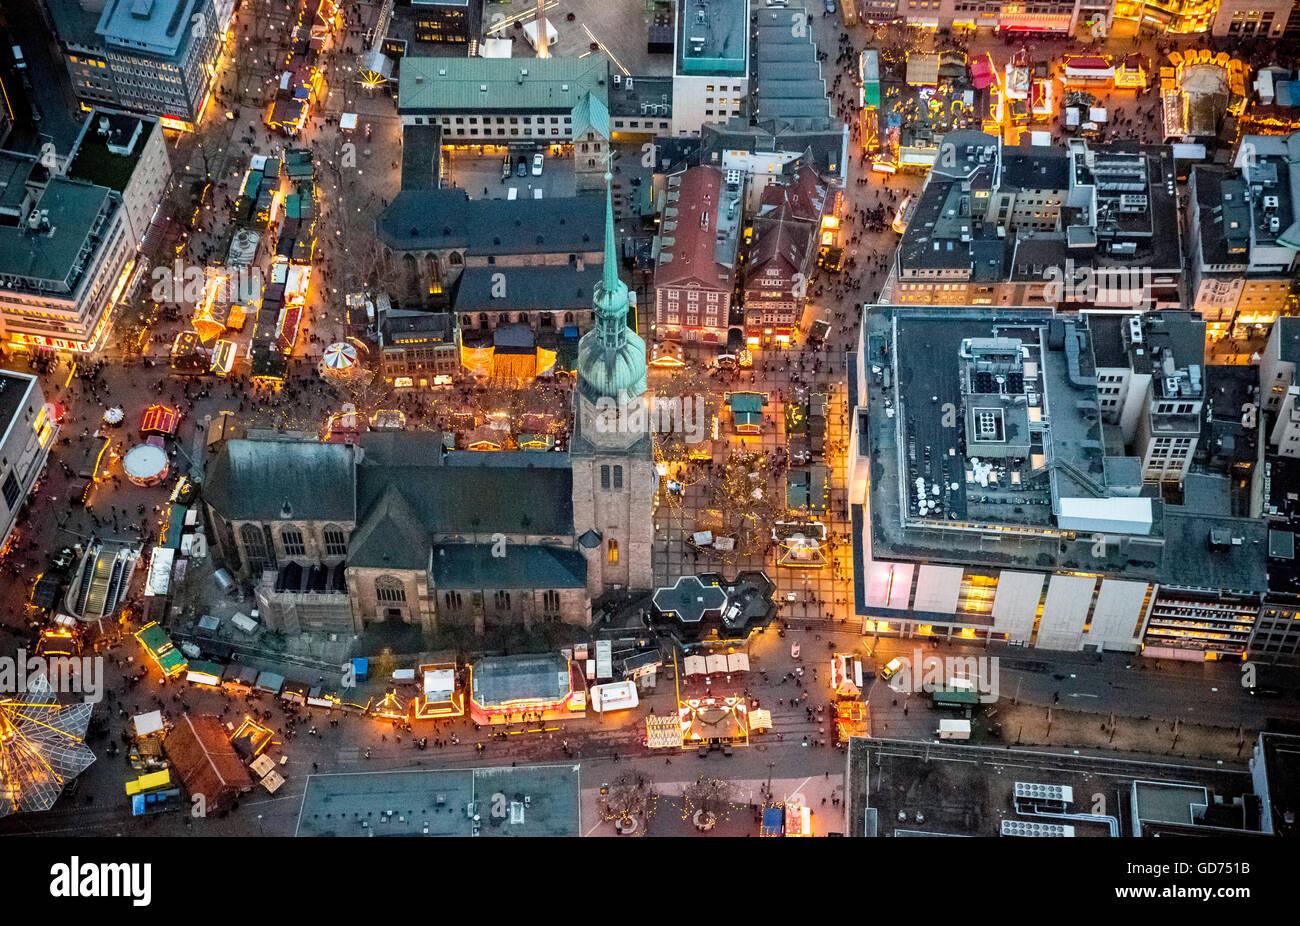 Dortmunder Weihnachtsmarkt Stände.Dortmunder Weihnachtsmarkt Stockfotos Dortmunder Weihnachtsmarkt